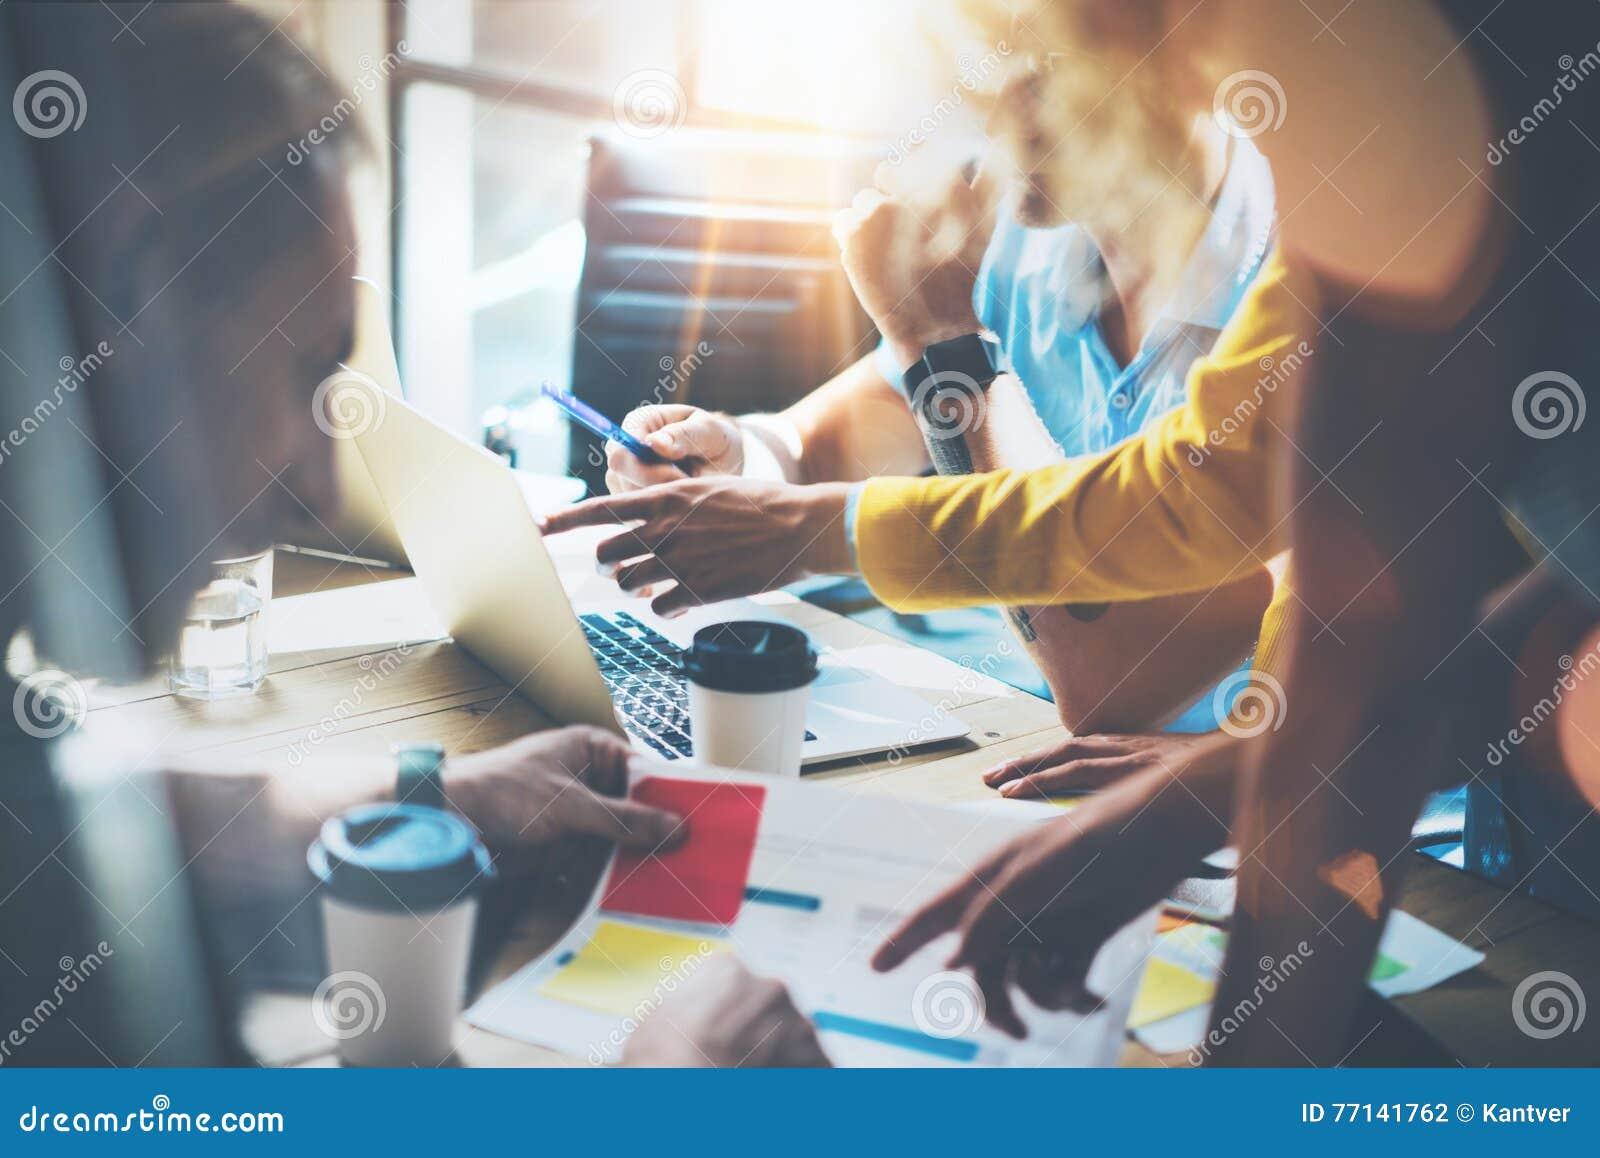 Junge Gruppen-Mitarbeiter, die große unternehmerische Entscheidungen treffen Marketing-Team Discussion Corporate Work Concept-Stu